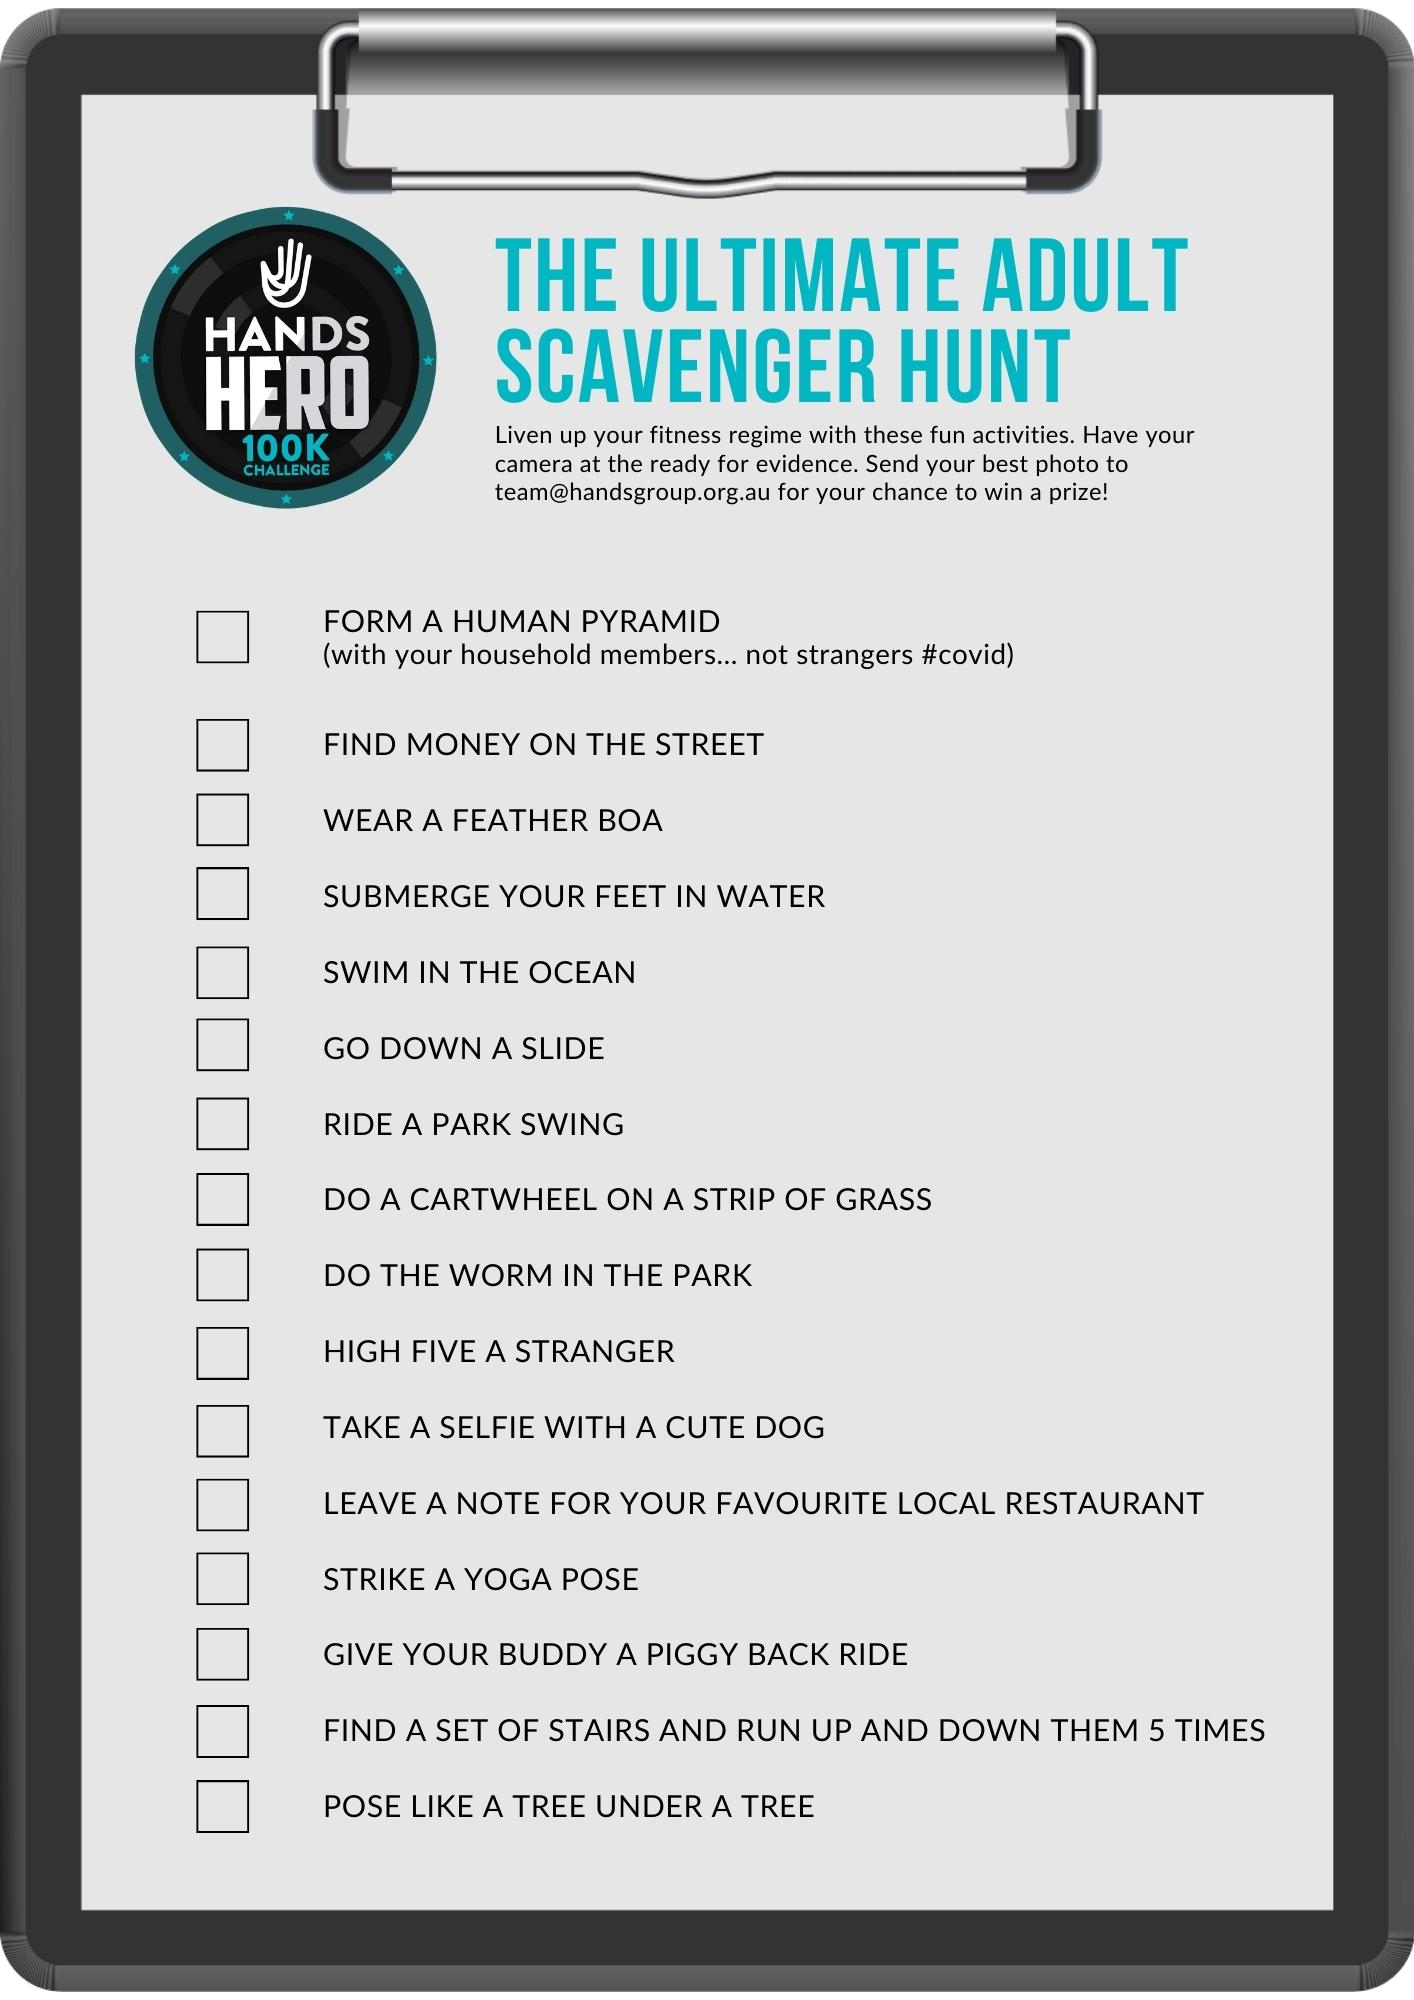 Ultimate Adult Scavenger Hunt